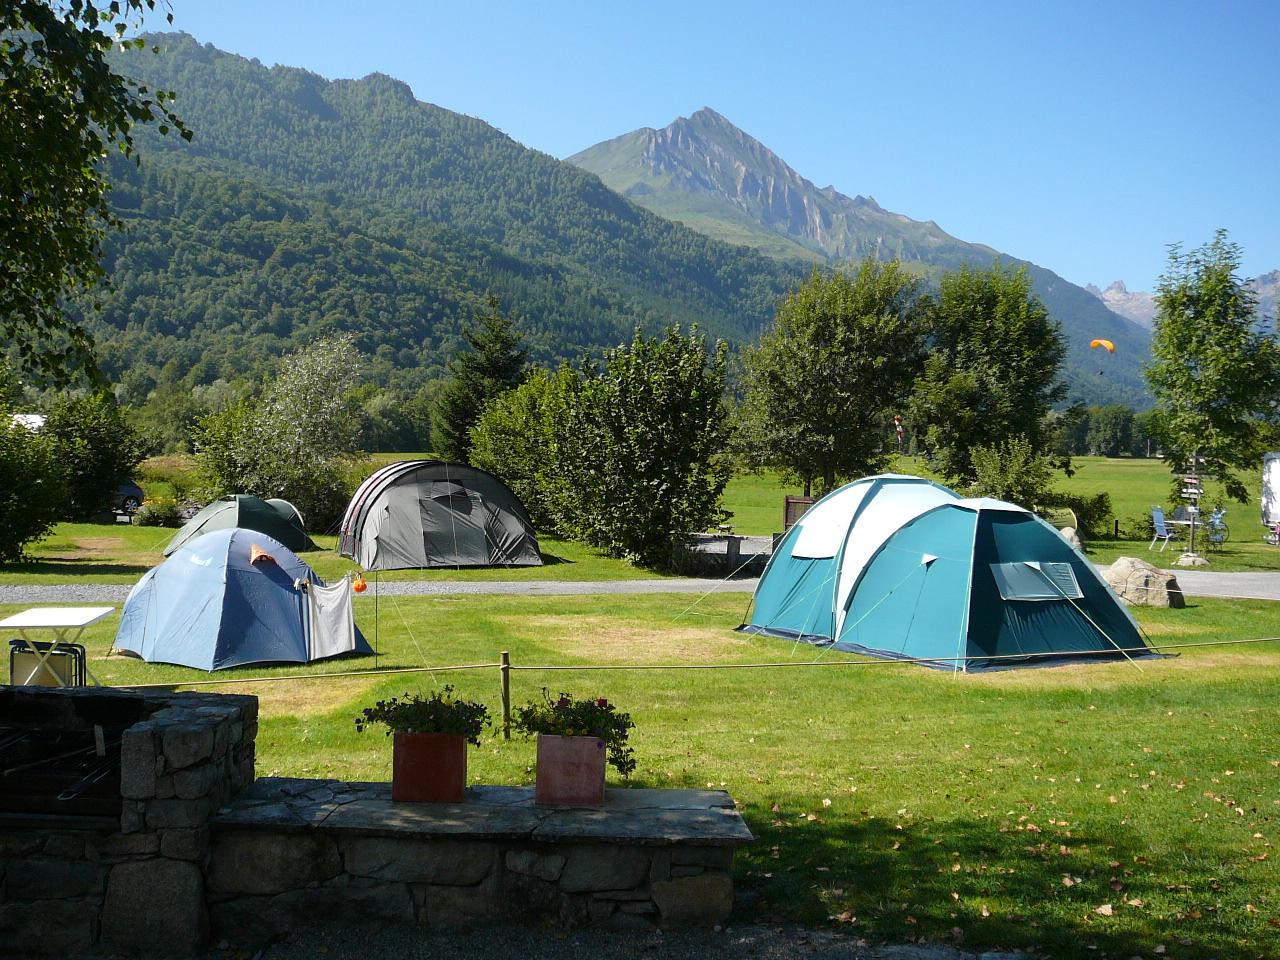 Camping Azun Nature dans les Hautes-Pyrénées - Trophée des consommateurs 2017 Camping Qualité